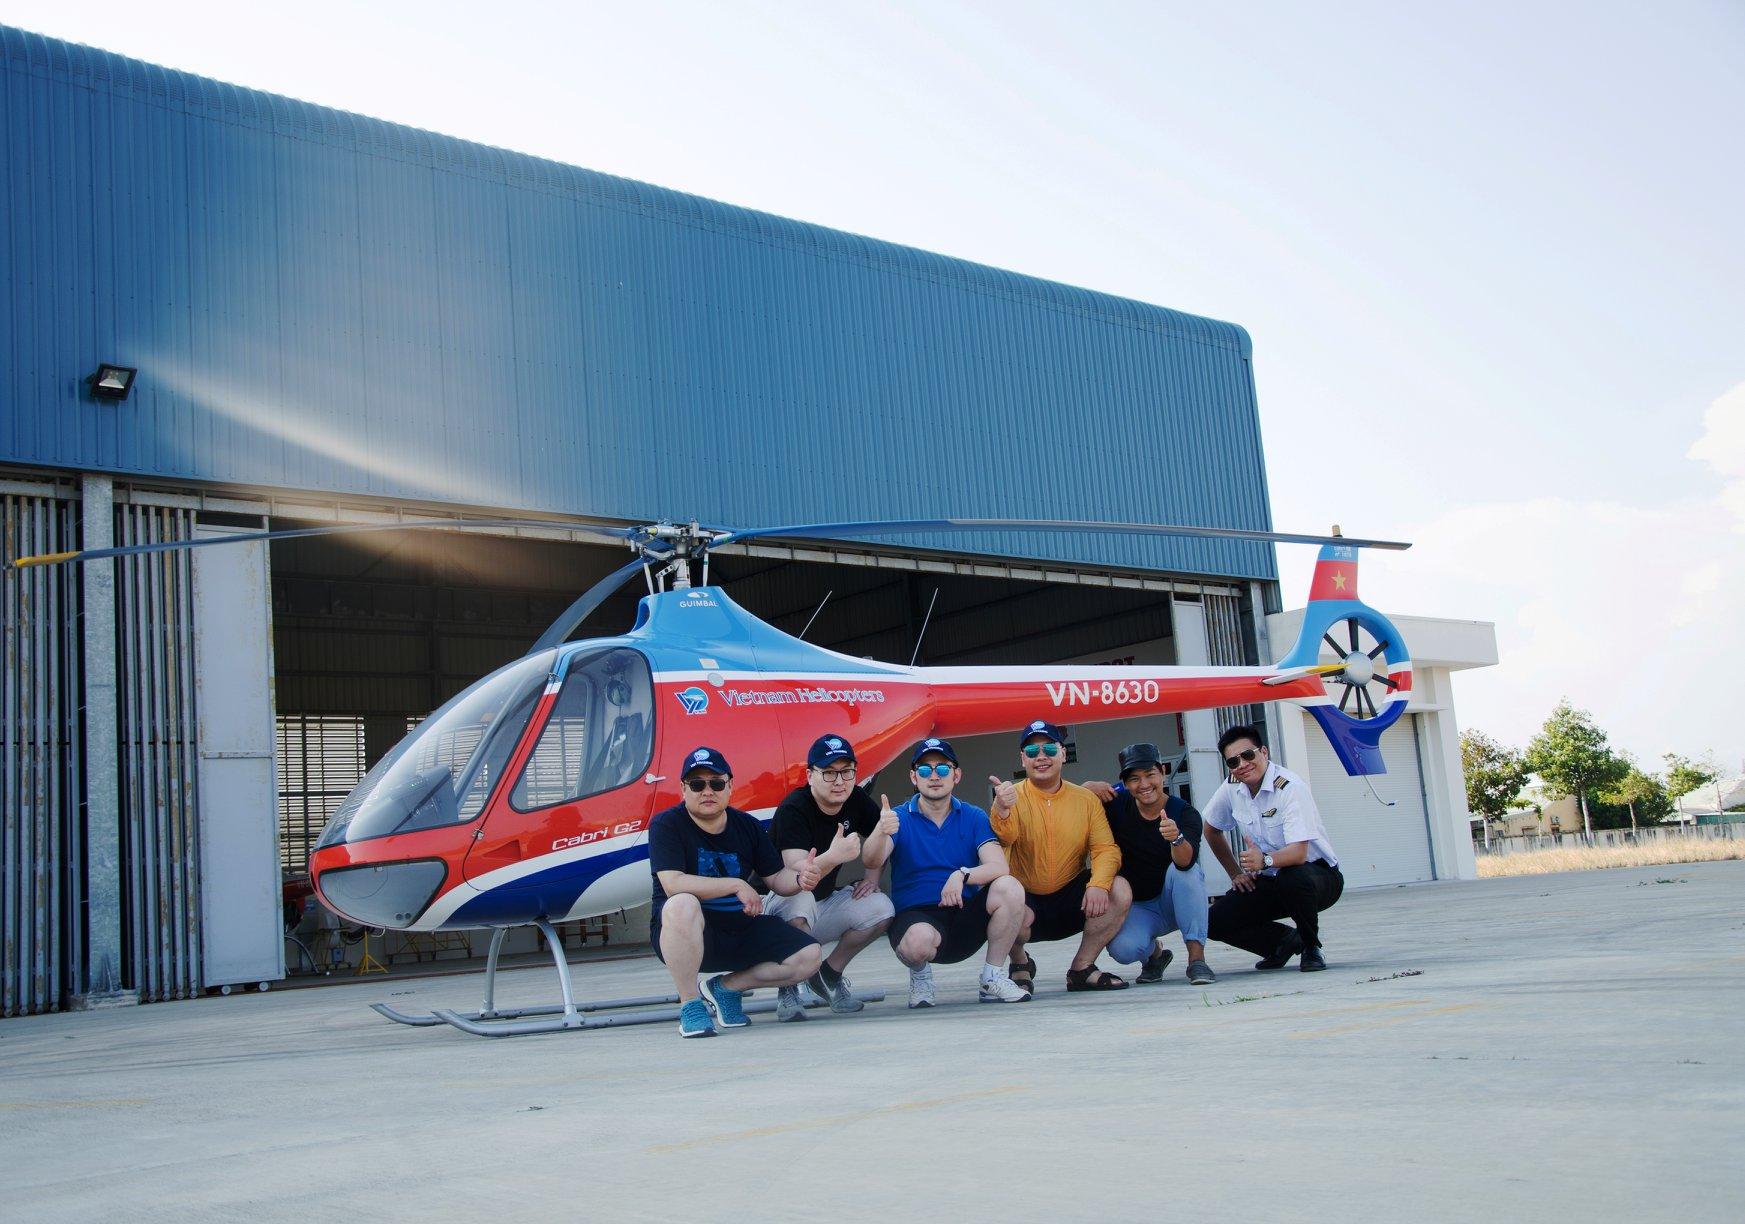 Trải nghiệm bay trực thăng tại Vũng Tàu